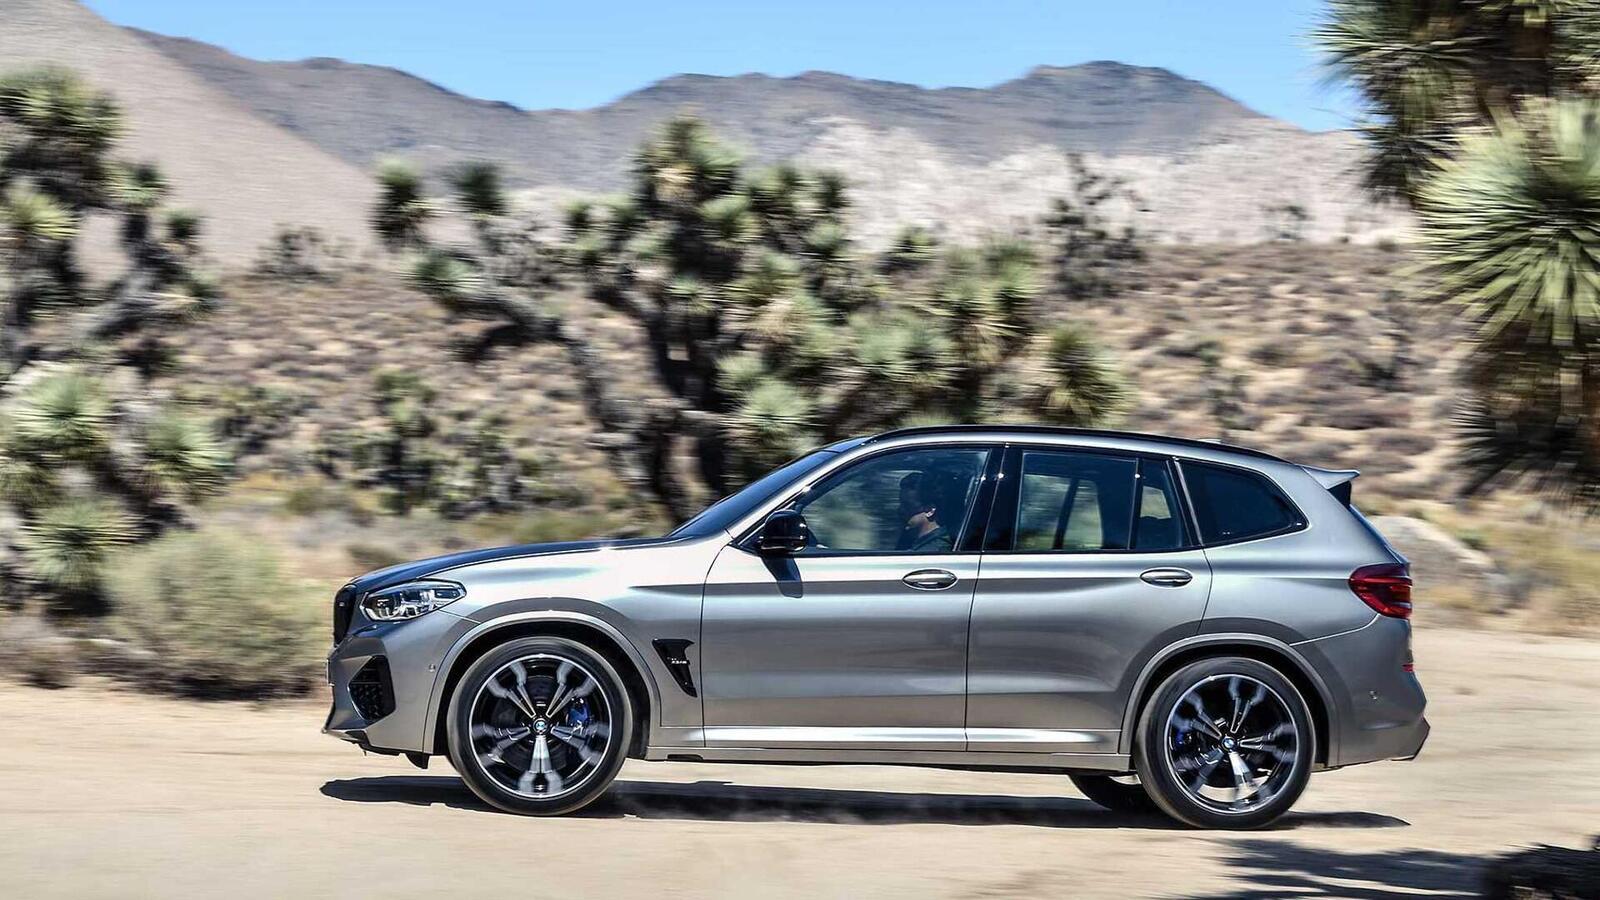 BMW X3 M và X4 M 2020 chính thức ra mắt: Mang trong mình sức mạnh từ 473 - 503 mã lực - Hình 5